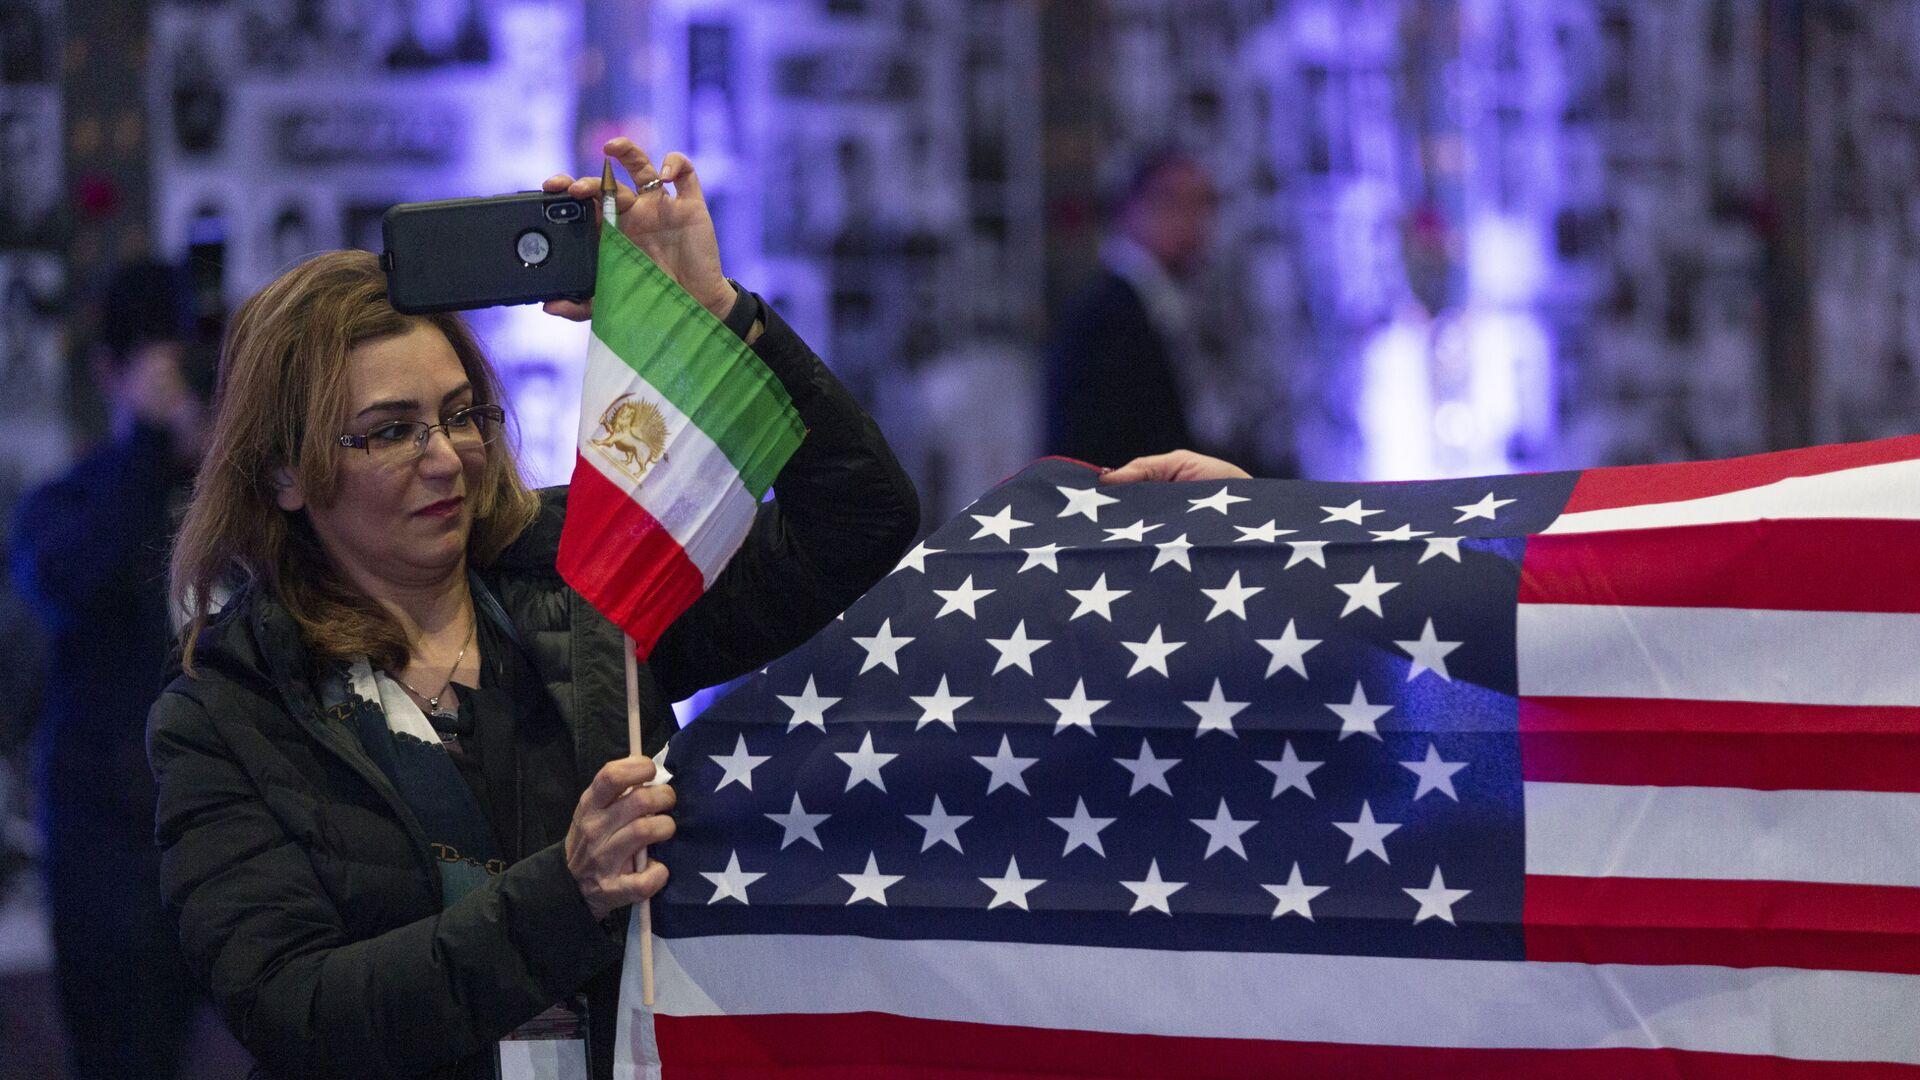 Banderas de EEUU e Irán - Sputnik Mundo, 1920, 19.02.2021